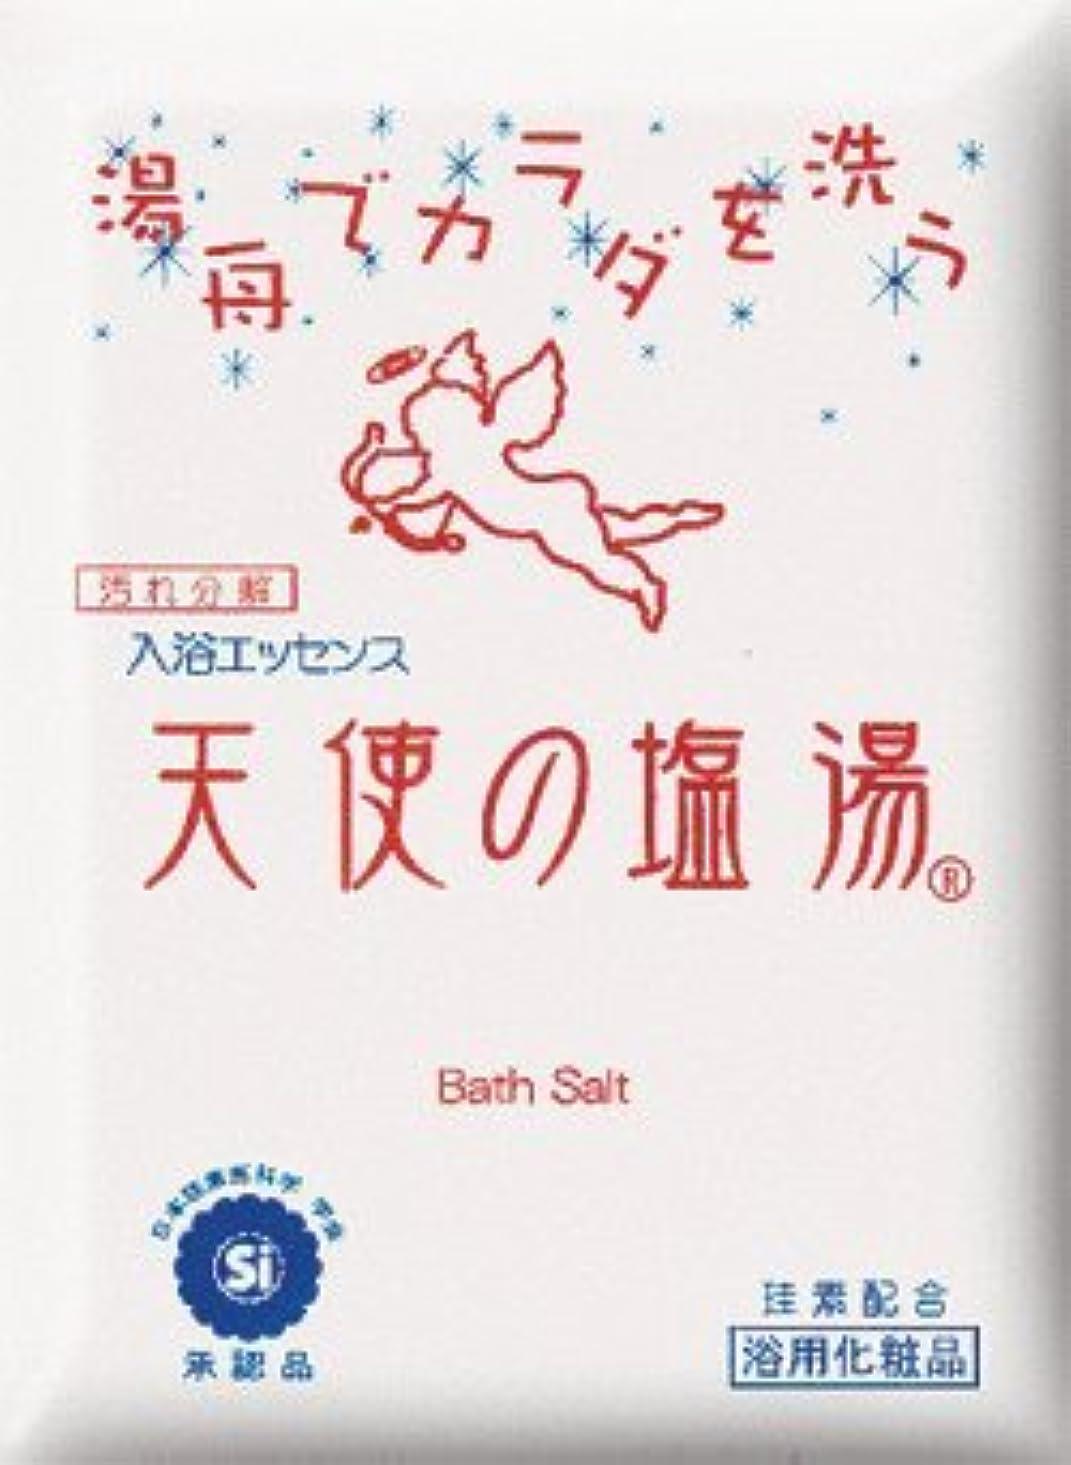 真向こう空中ハンドブック天使の塩湯 (70g×20袋) ※浴槽でカラダを洗う!入浴エッセンス!